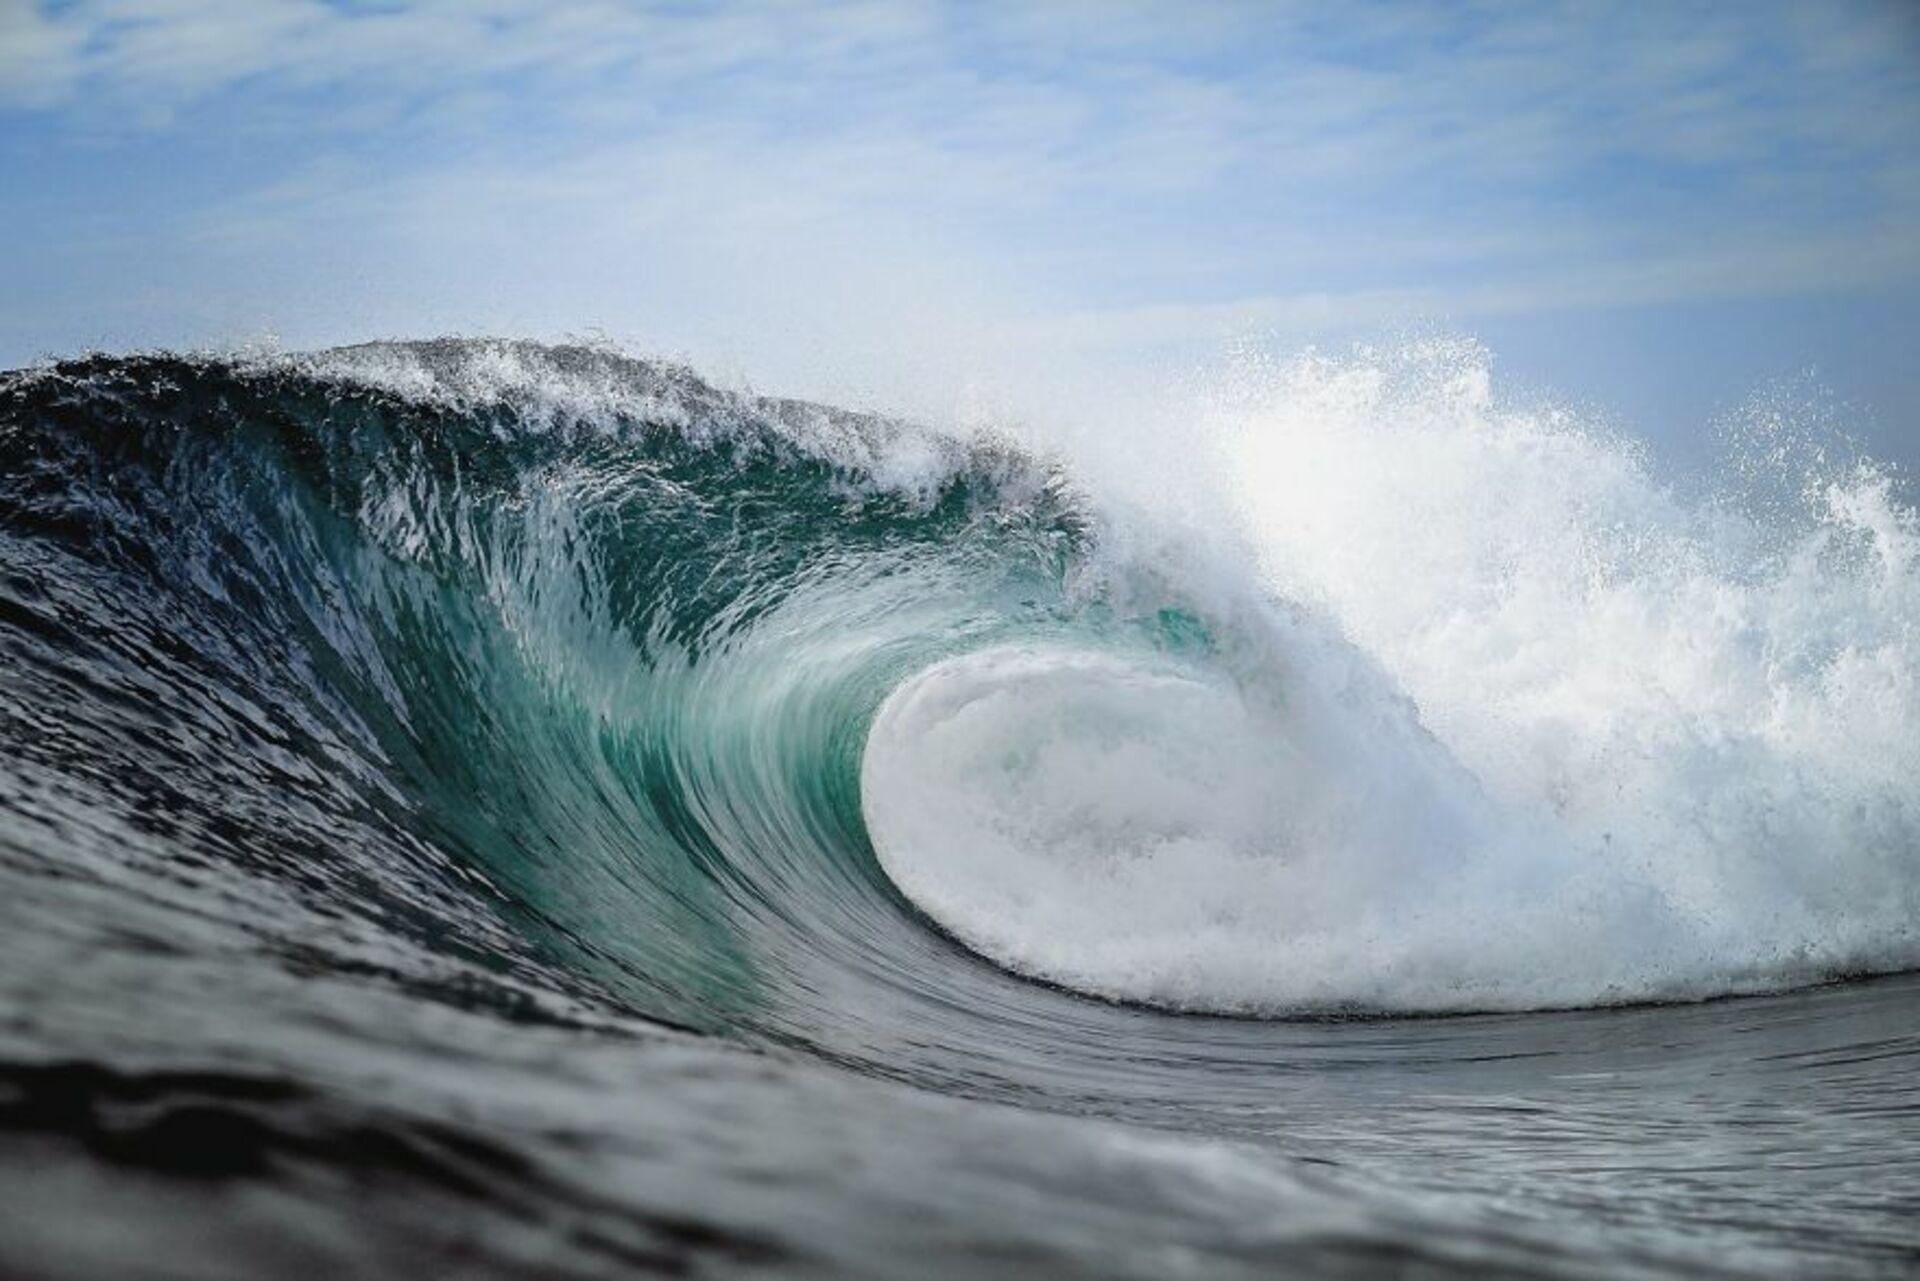 摄影 | 我拍摄了澳大利亚海岸线上看不见的海洋瞬间